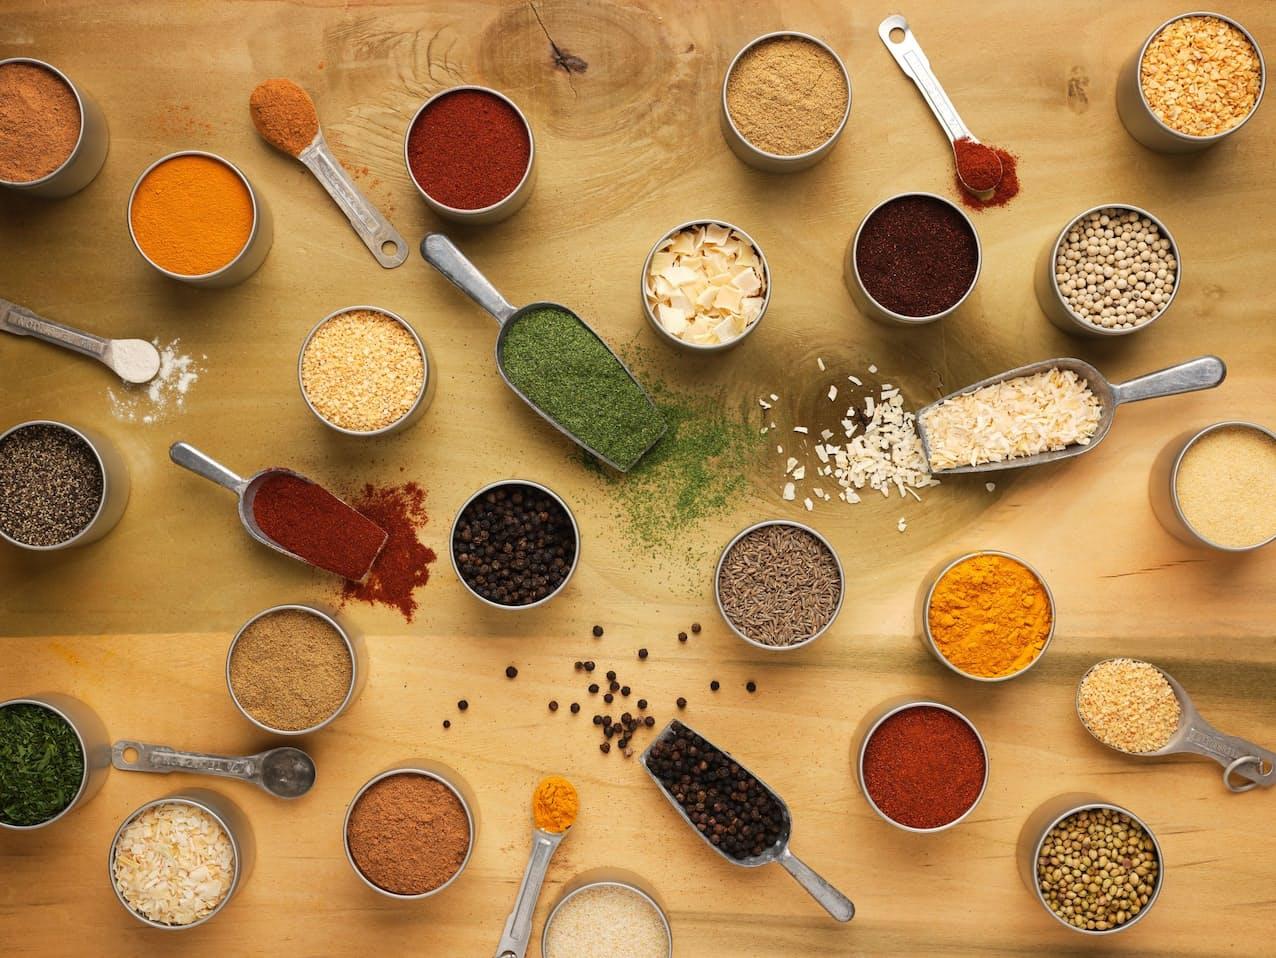 オラム・インターナショナルは買収によって、コロナ下でも需要が増える香辛料ビジネスを強化する=会社提供